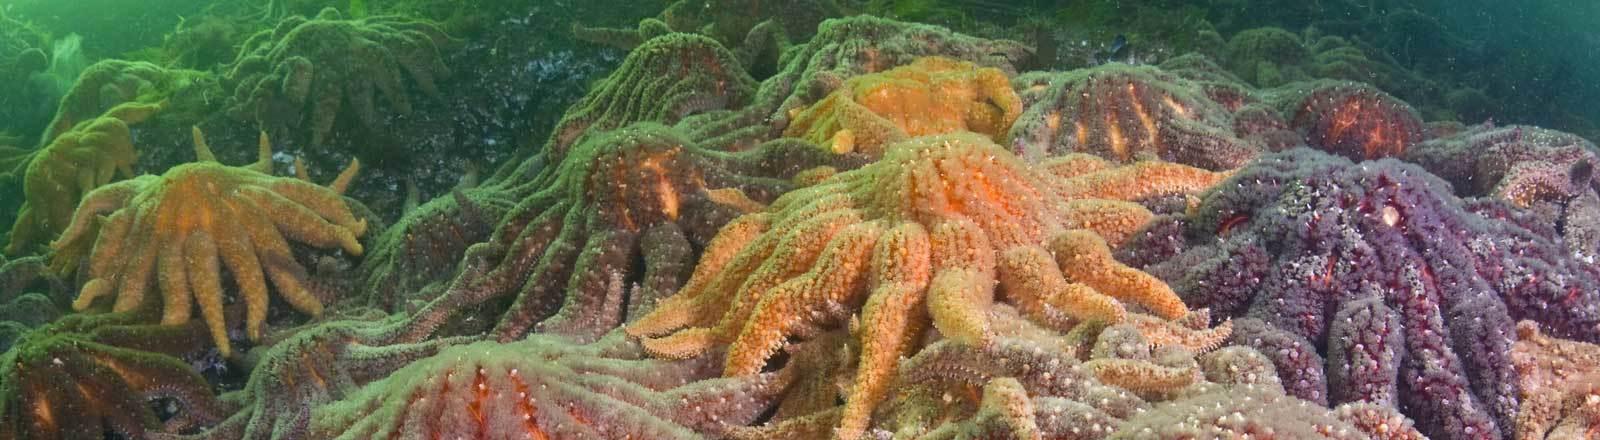 Sonnenblumenseesterne im Pazifik